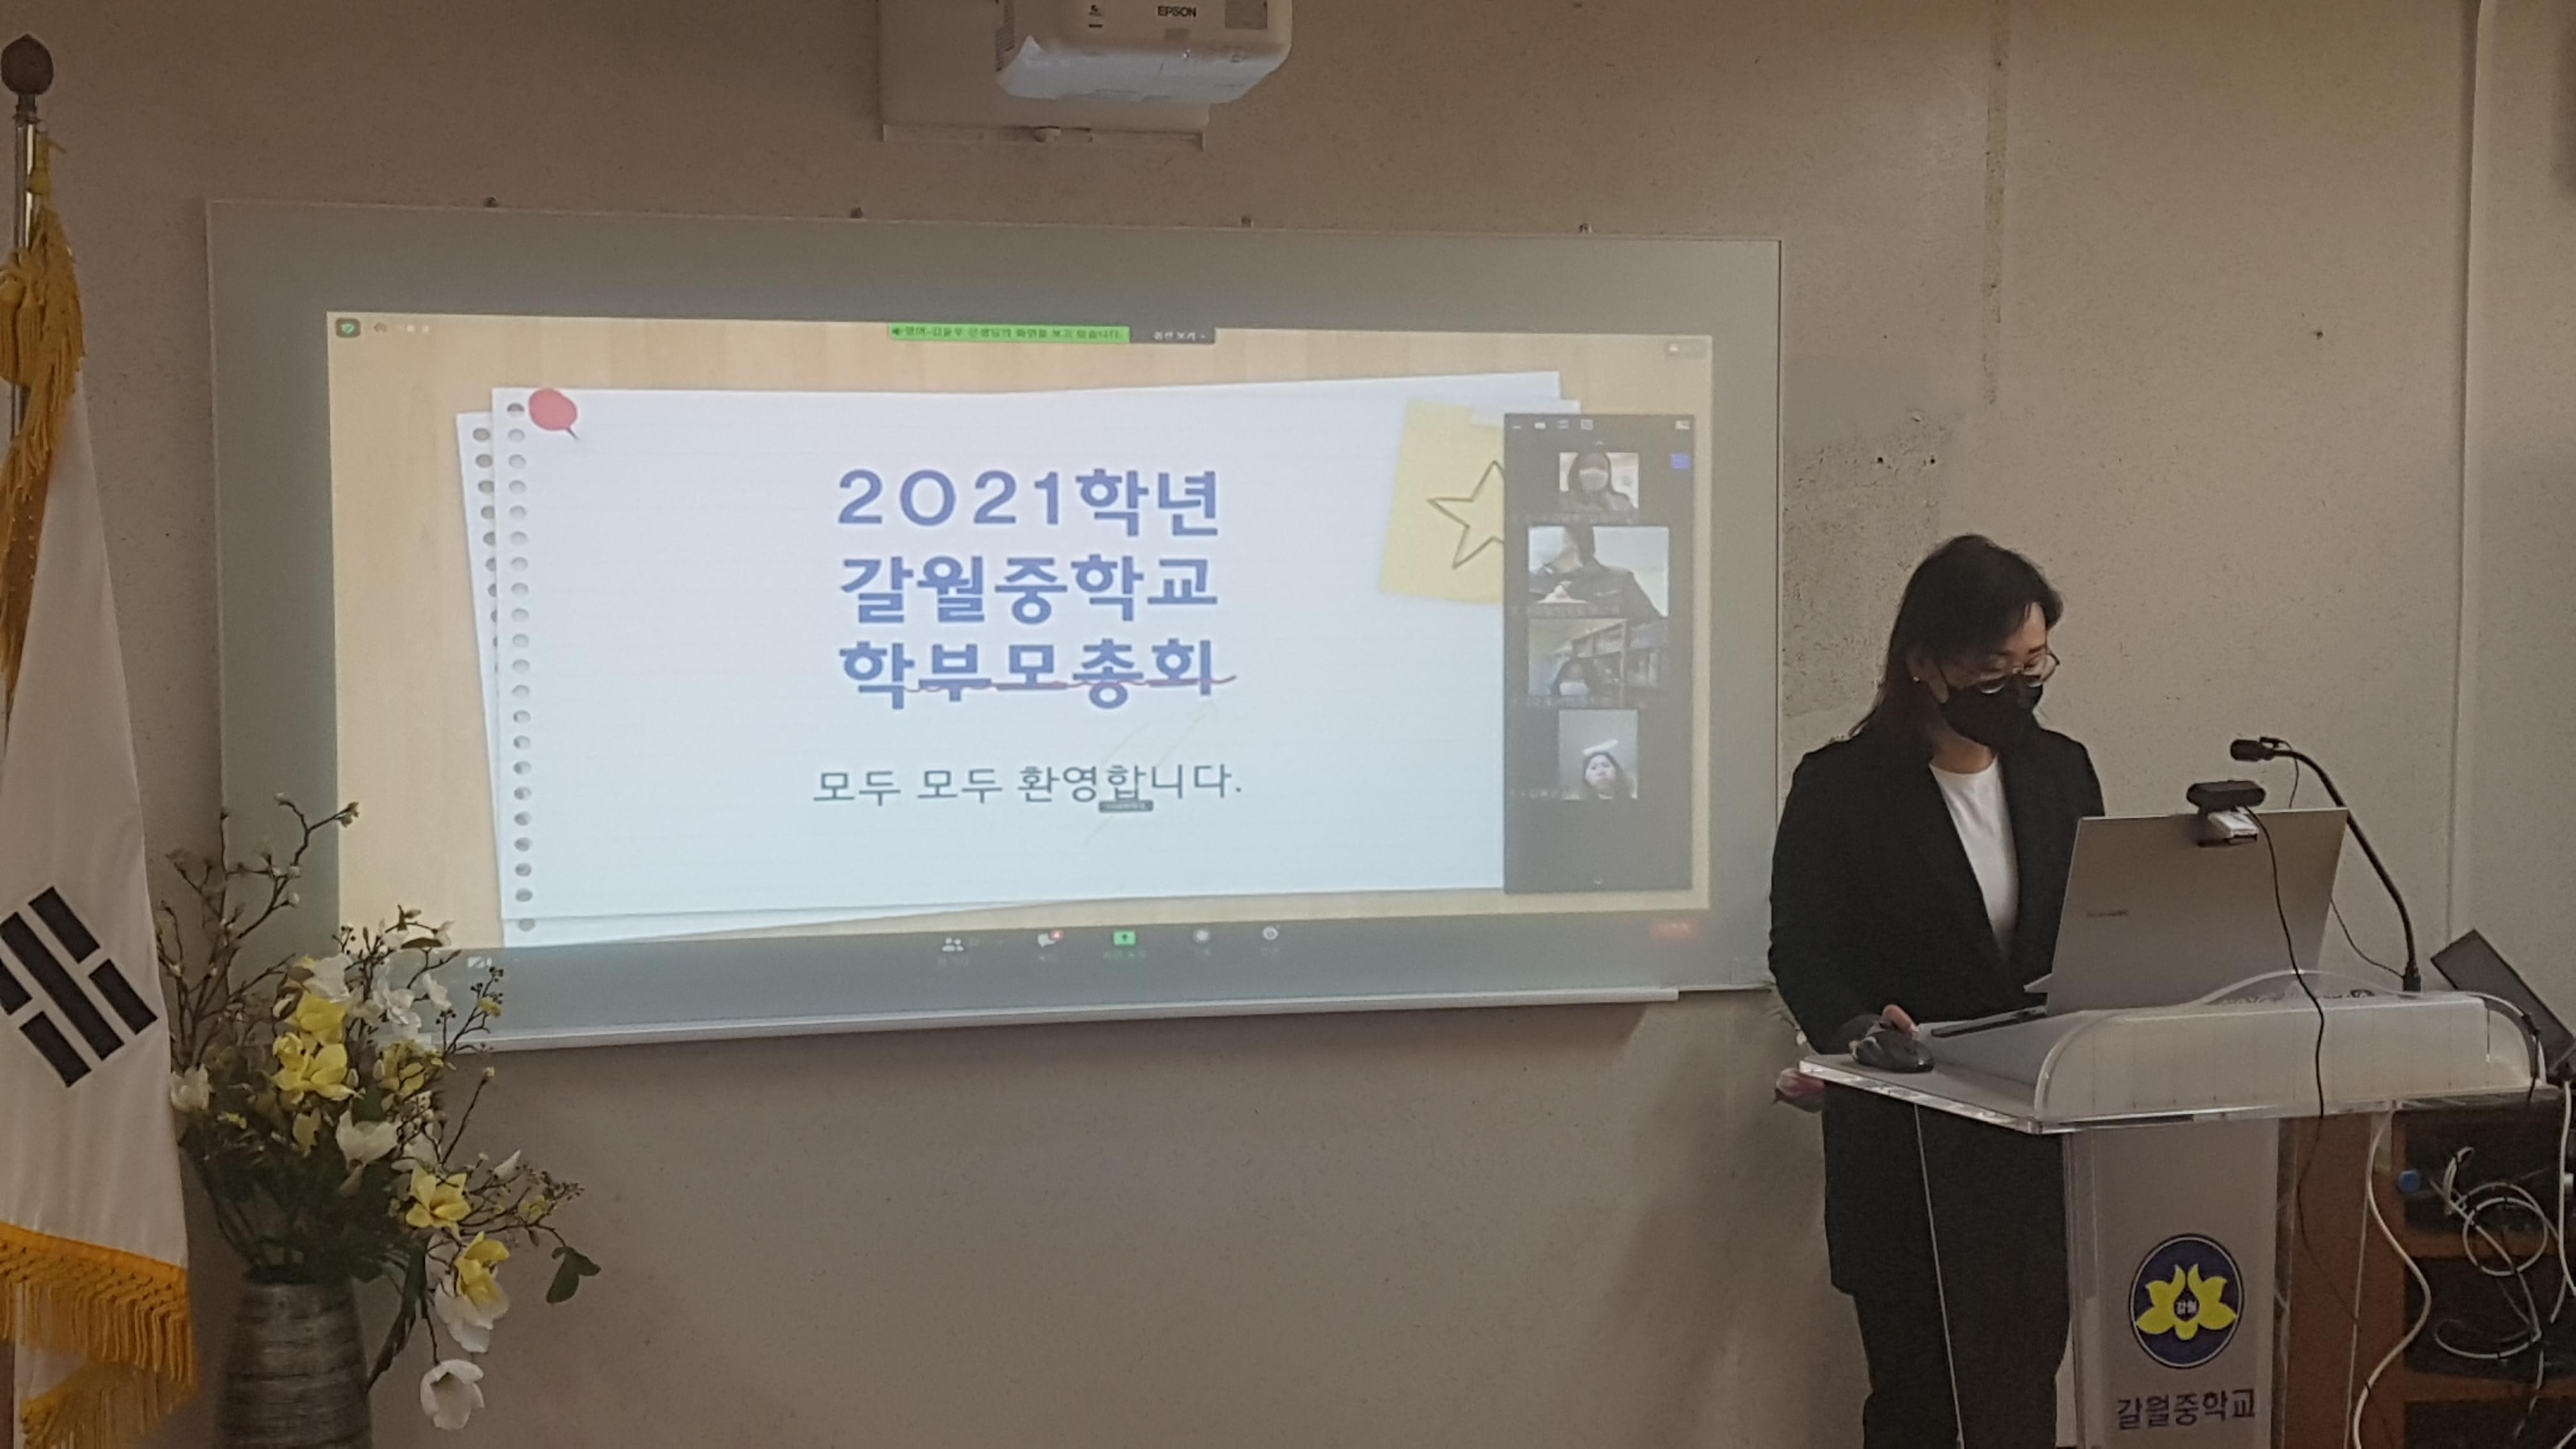 [일반] 2021 학부모총회의 첨부이미지 2